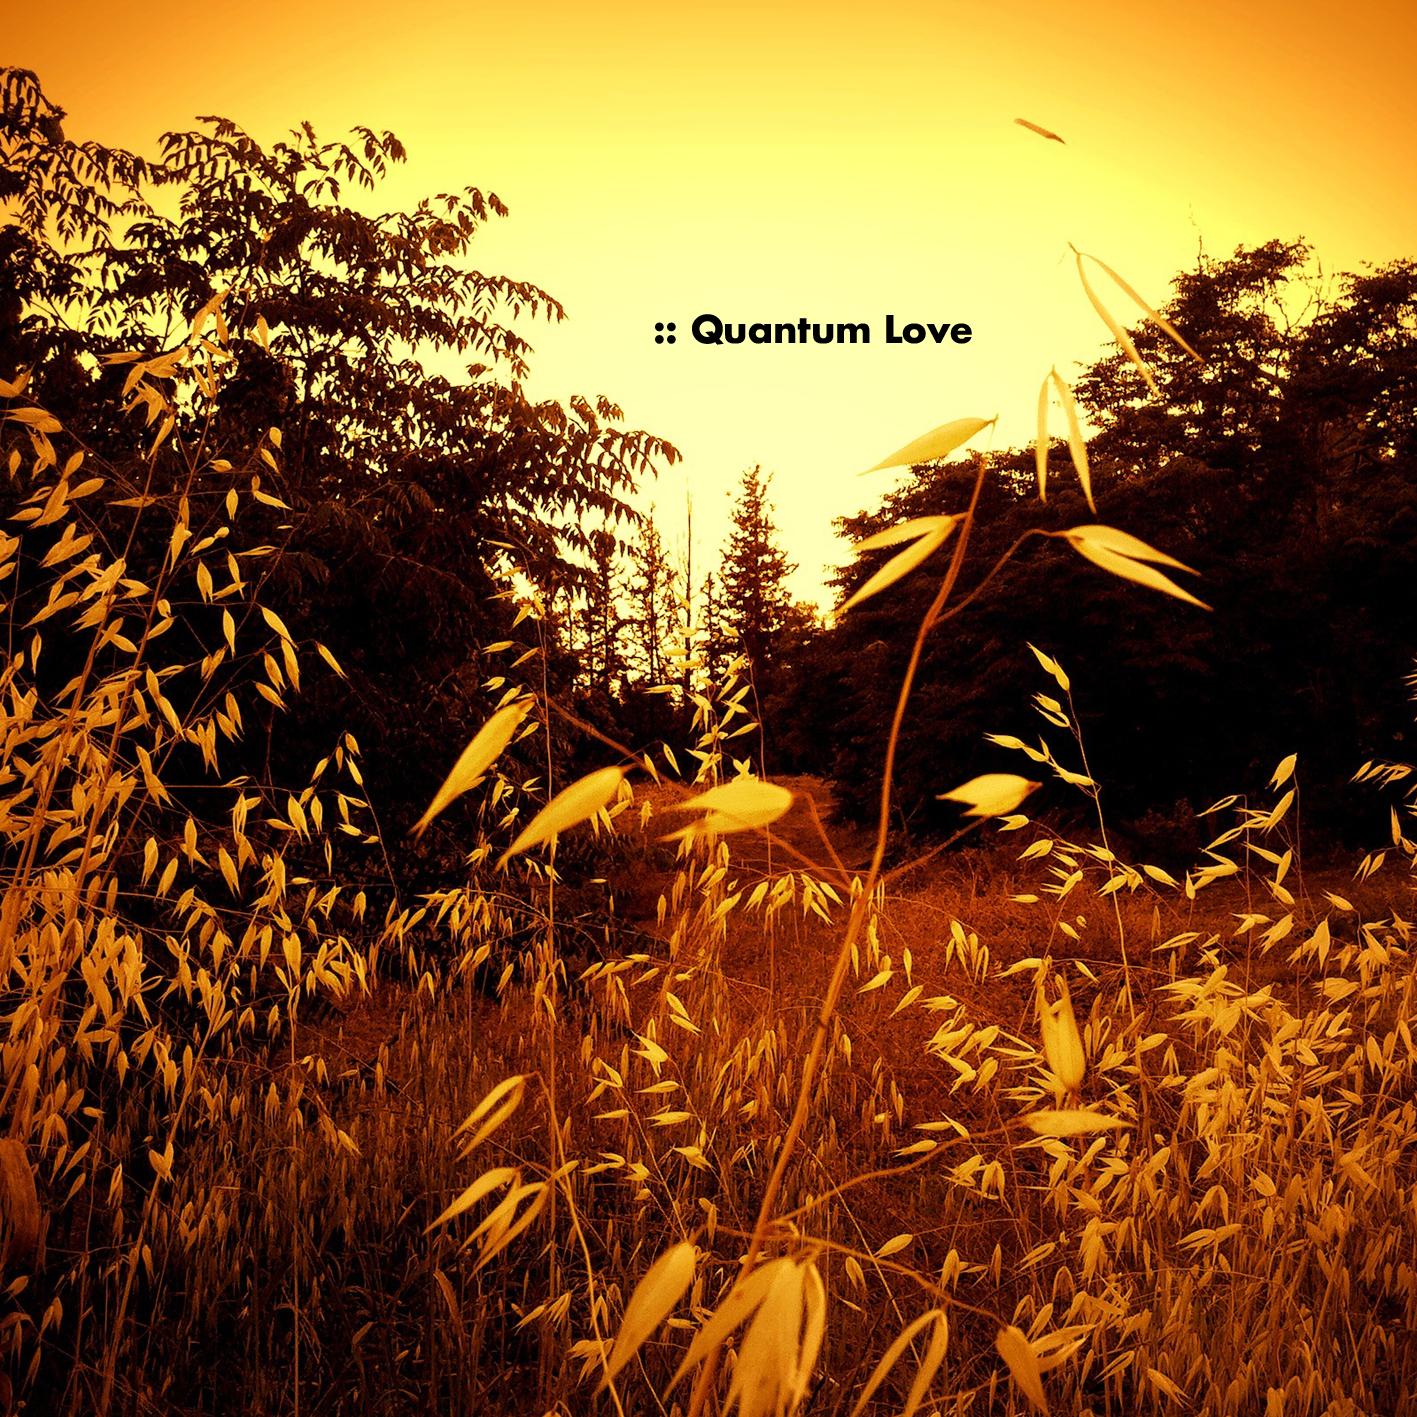 QUANTUM-LOVE